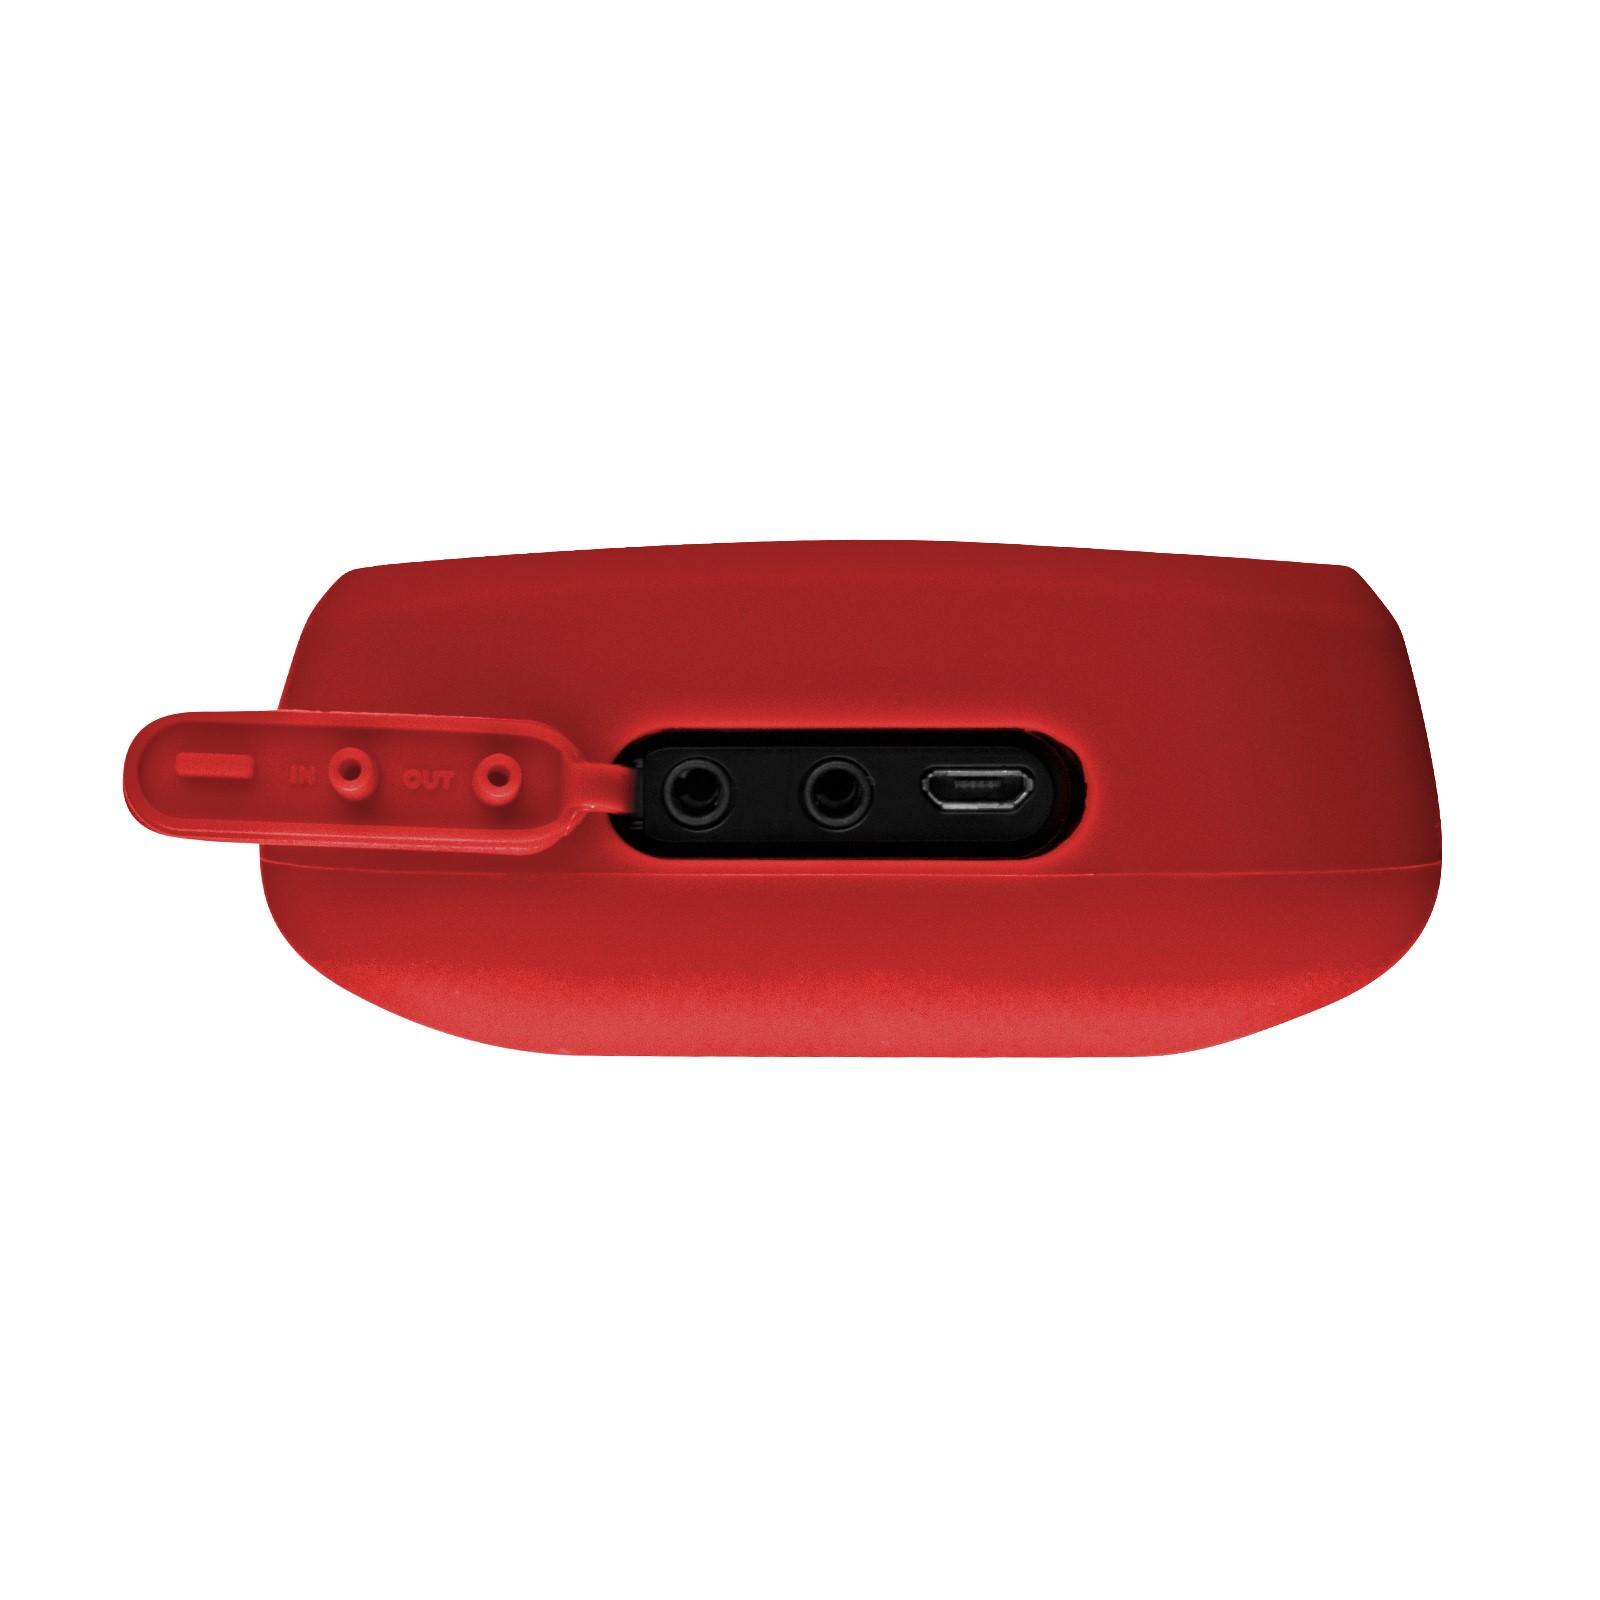 Philips Shoqbox On Shoppinder